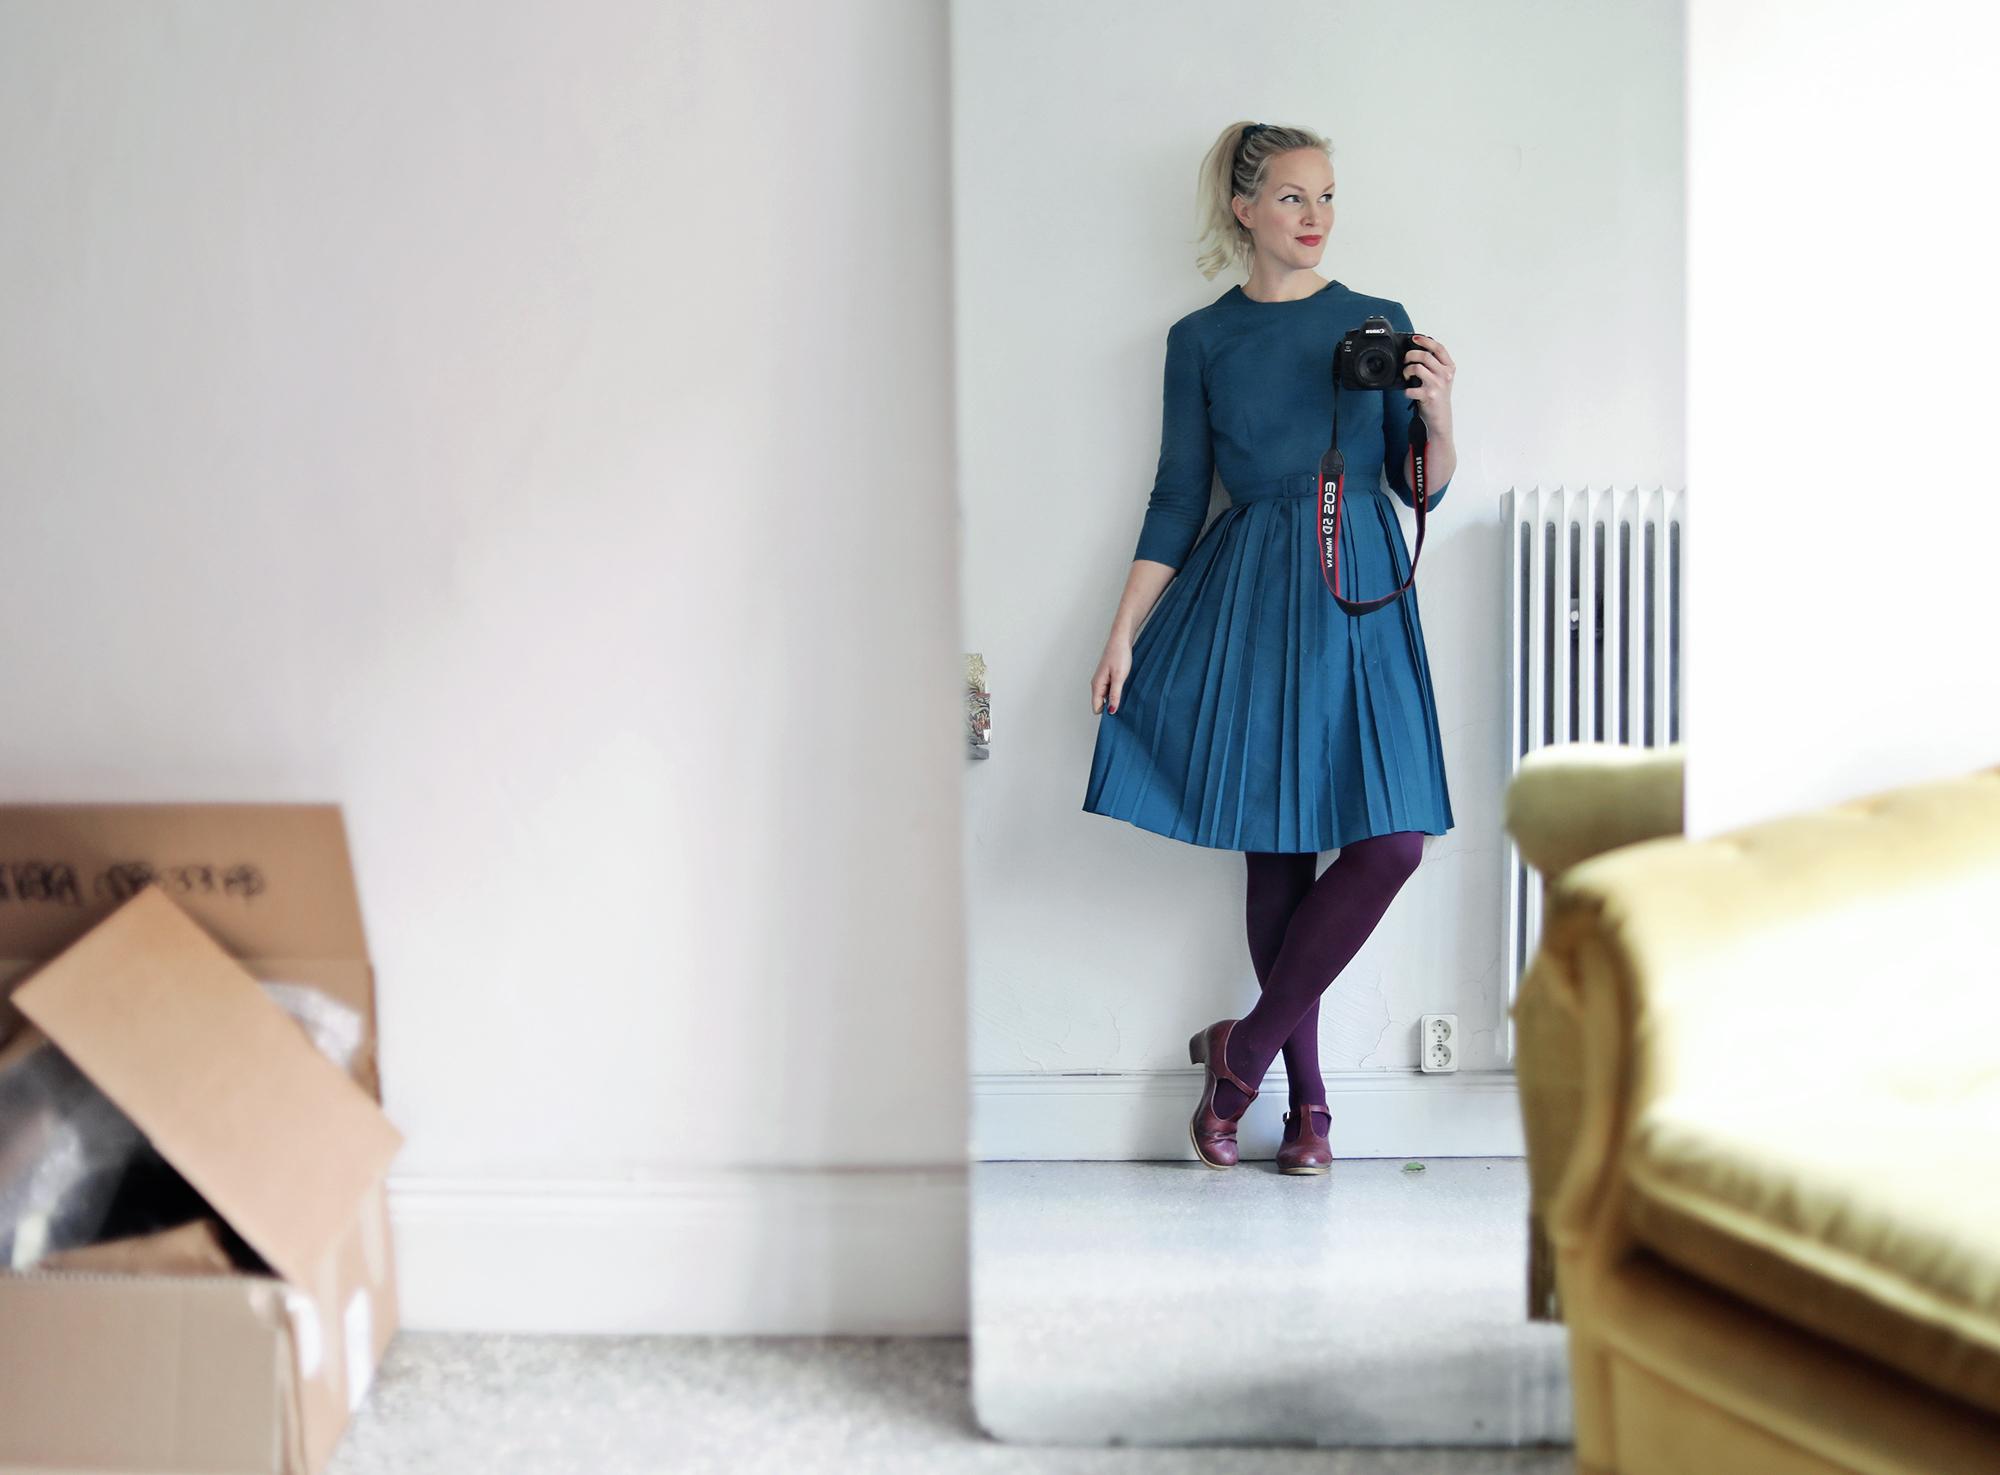 Bland flyttkartonger och lejongula fåtöljer i mitt tomma kontor. Iklädd  mitt senaste klännings-köp! Den här underbara blågröna klänningen har  tidigare ... 42fb281e33d72